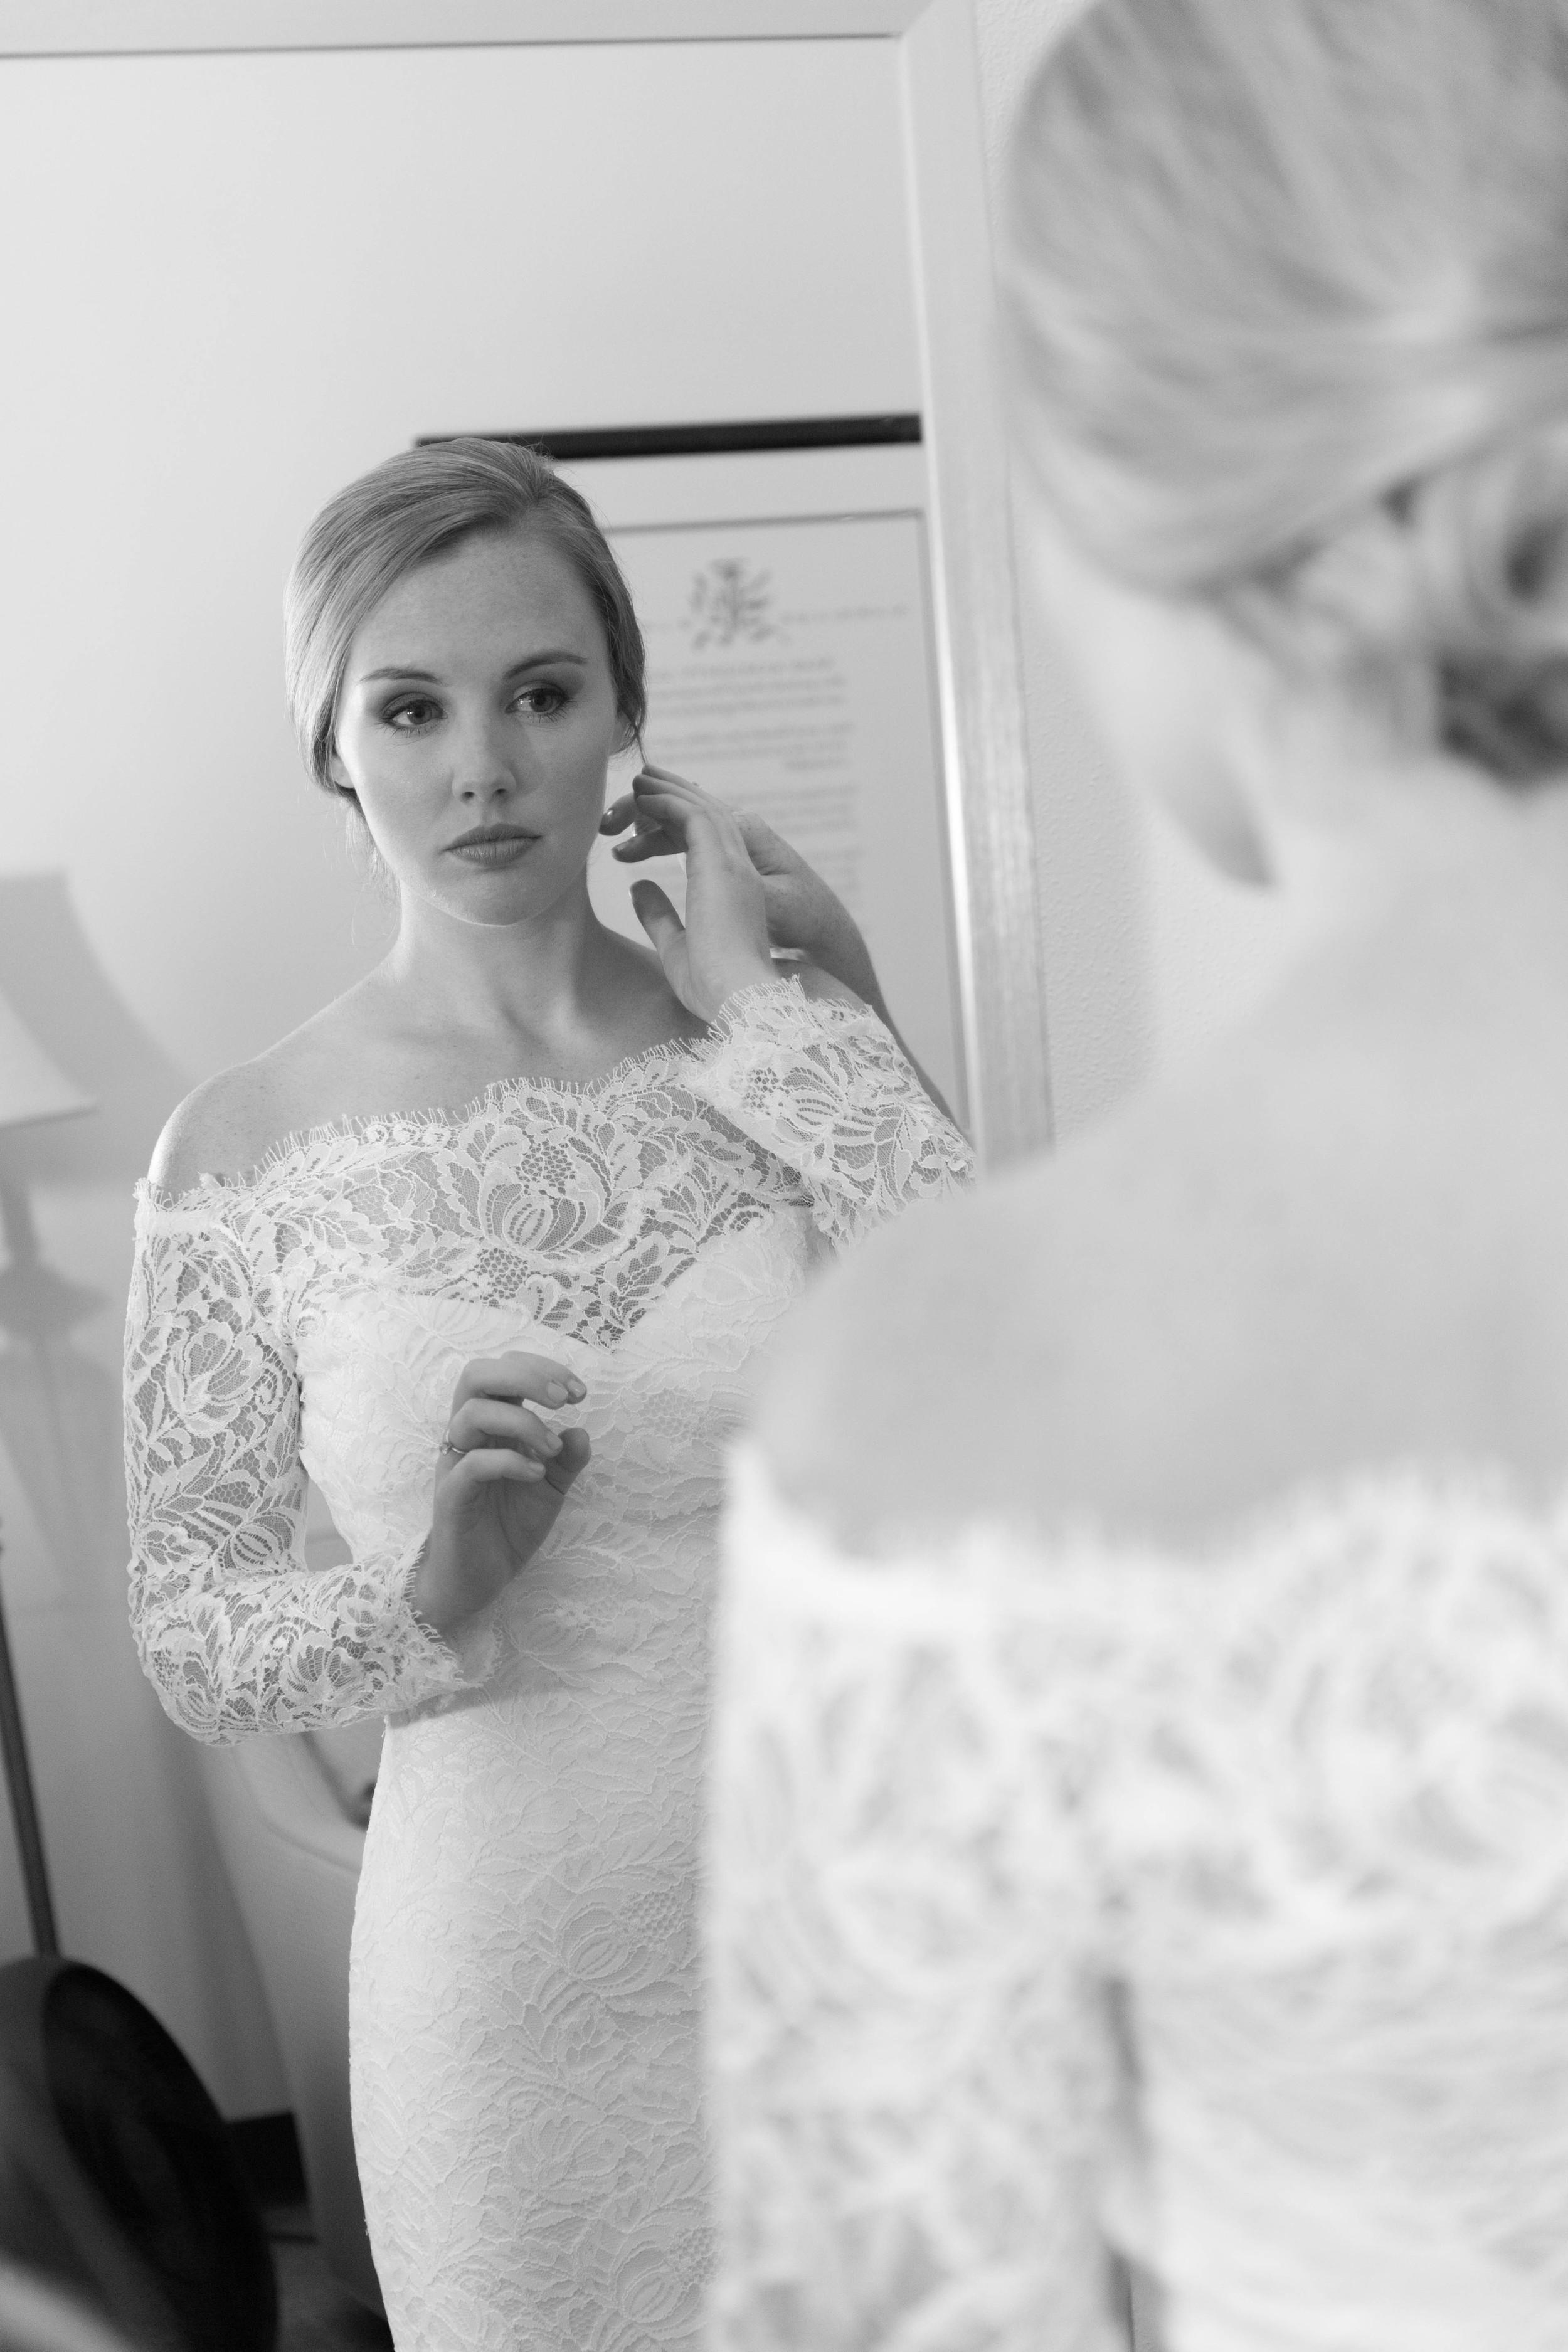 Bride-Getting-Ready.jpg